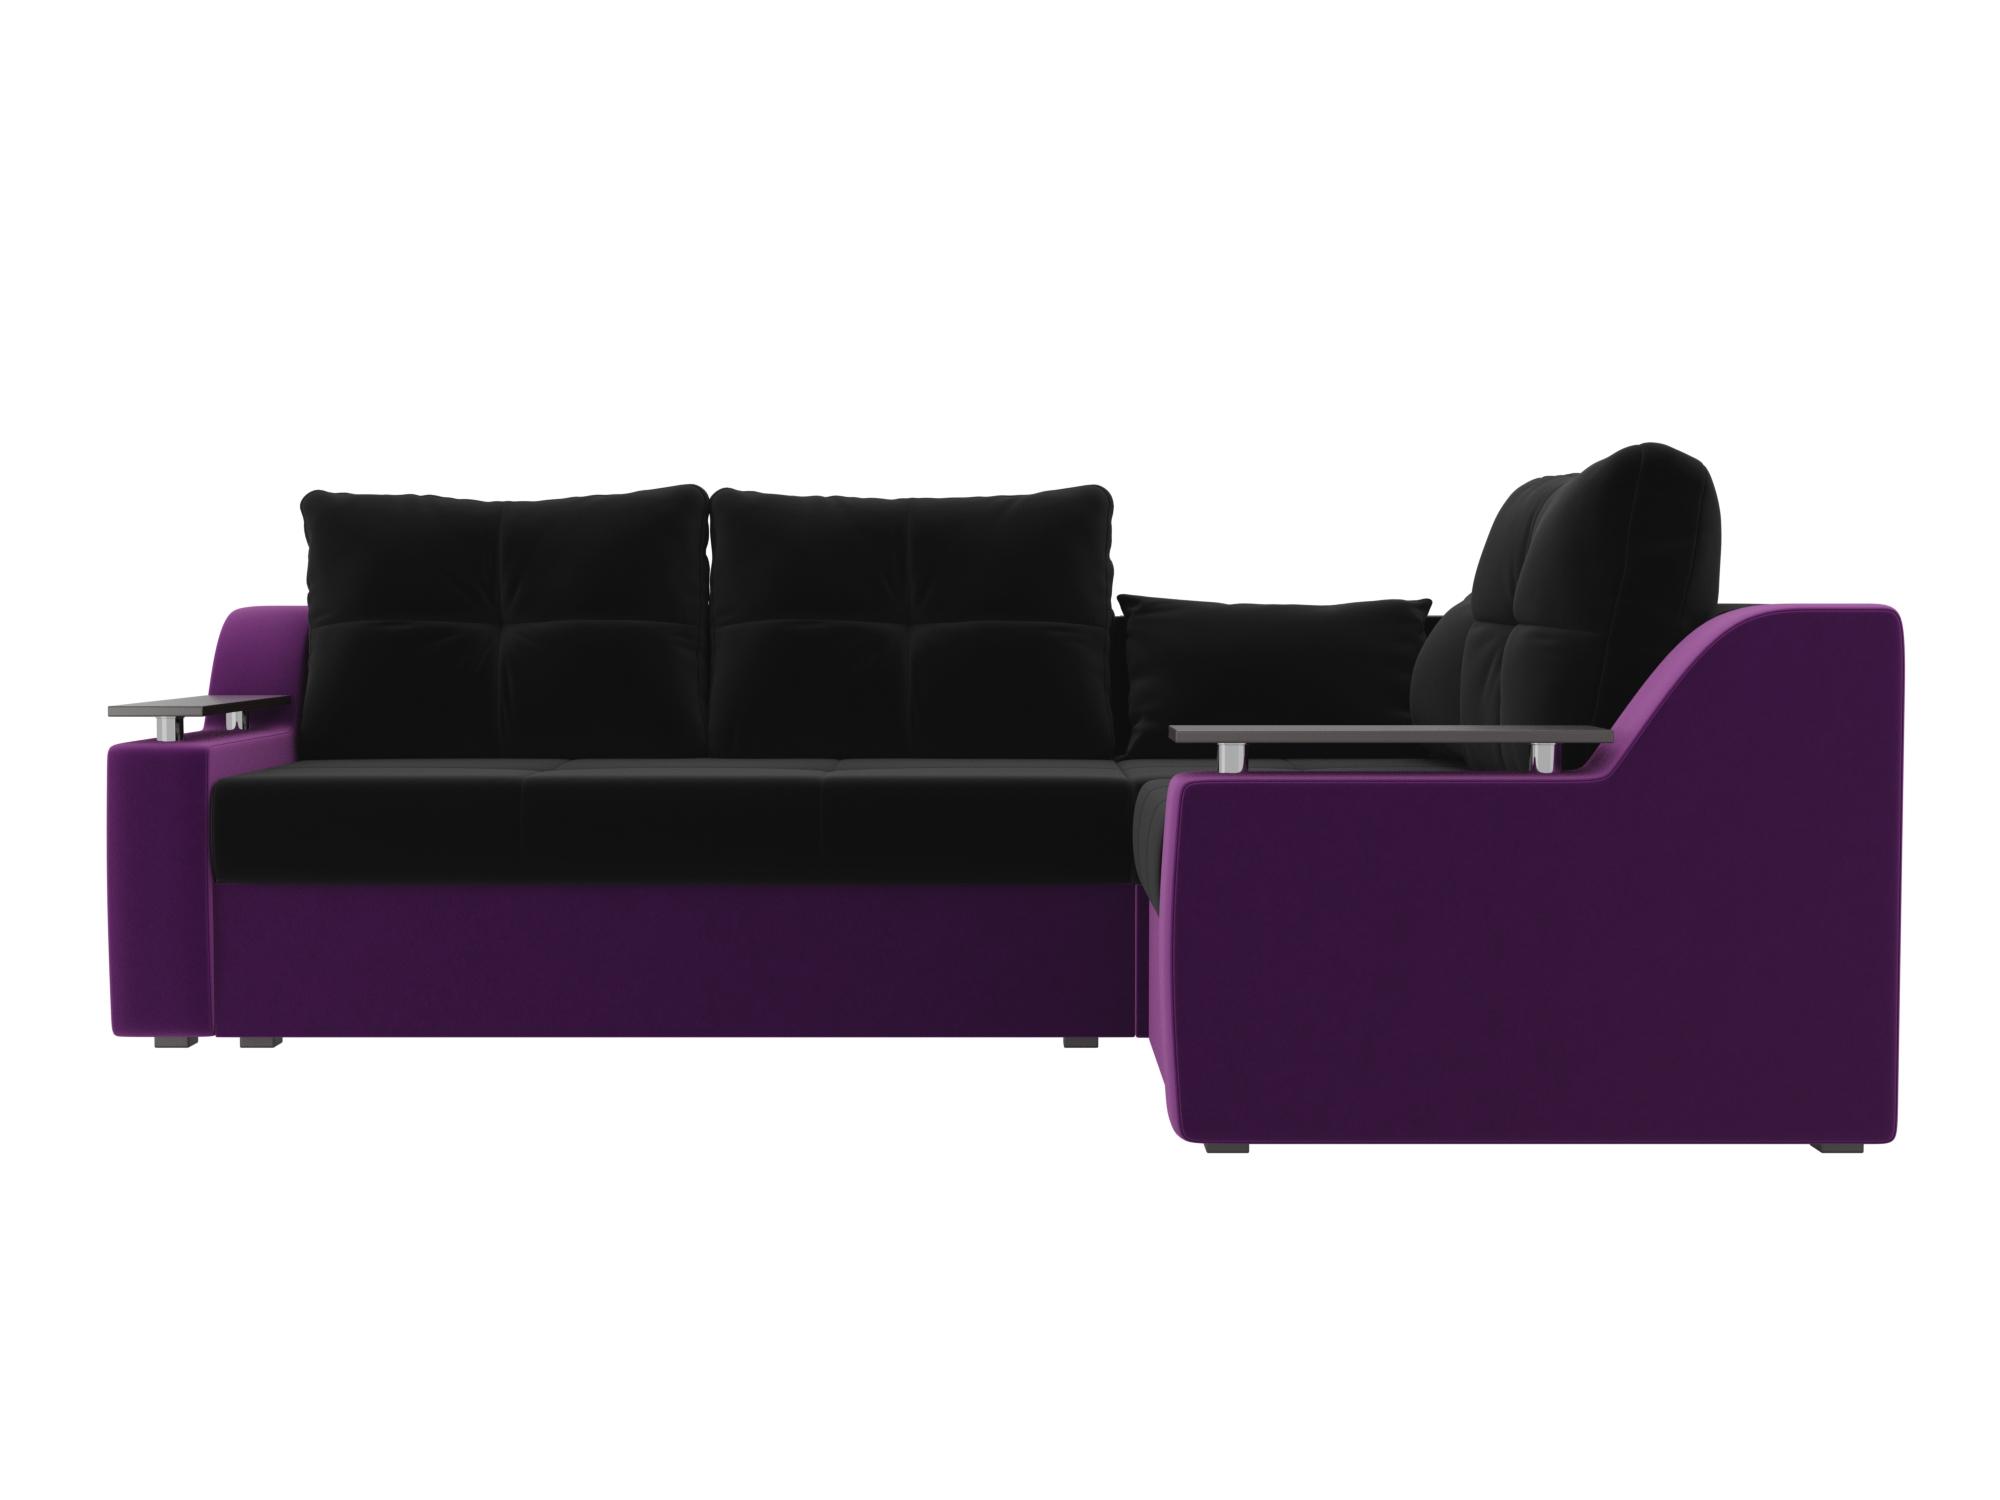 Угловой диван Кронос Правый MebelVia Черный, Фиолетовый Фиолетовый, Черный